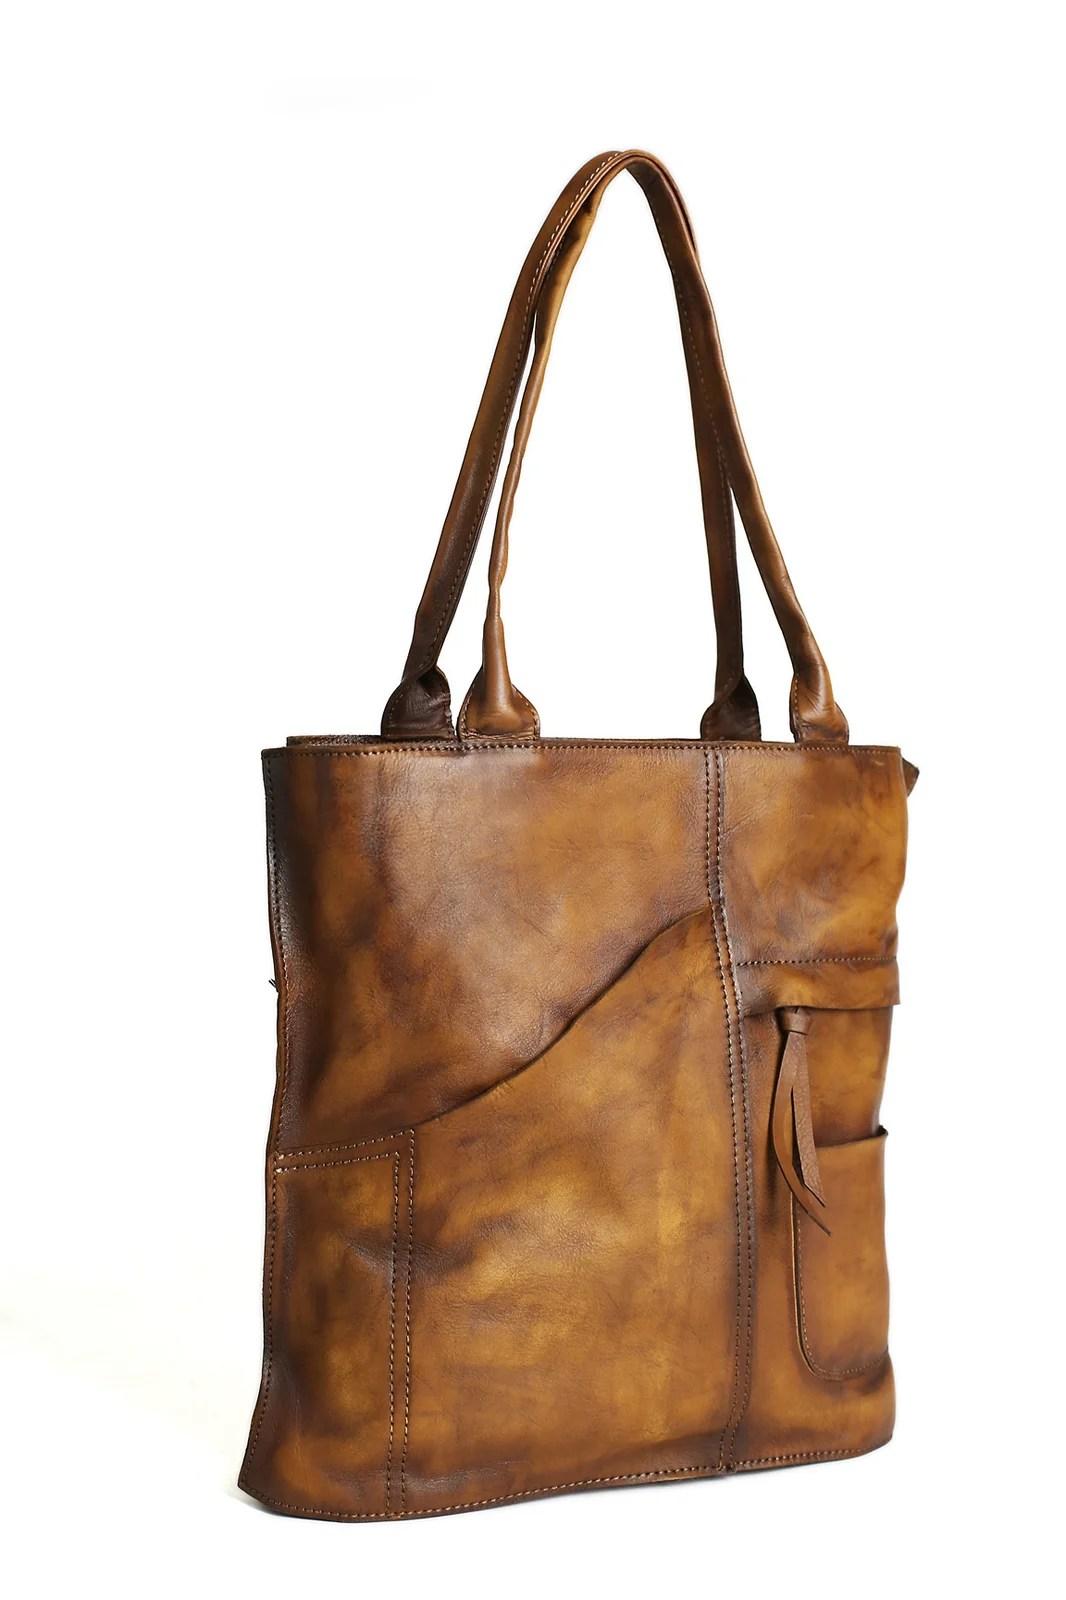 Vintage Brown Leather Tote Bag. Women's Designer Handbags DD103   MoshiLeatherBag - Handmade Leather Bag Manufacturer